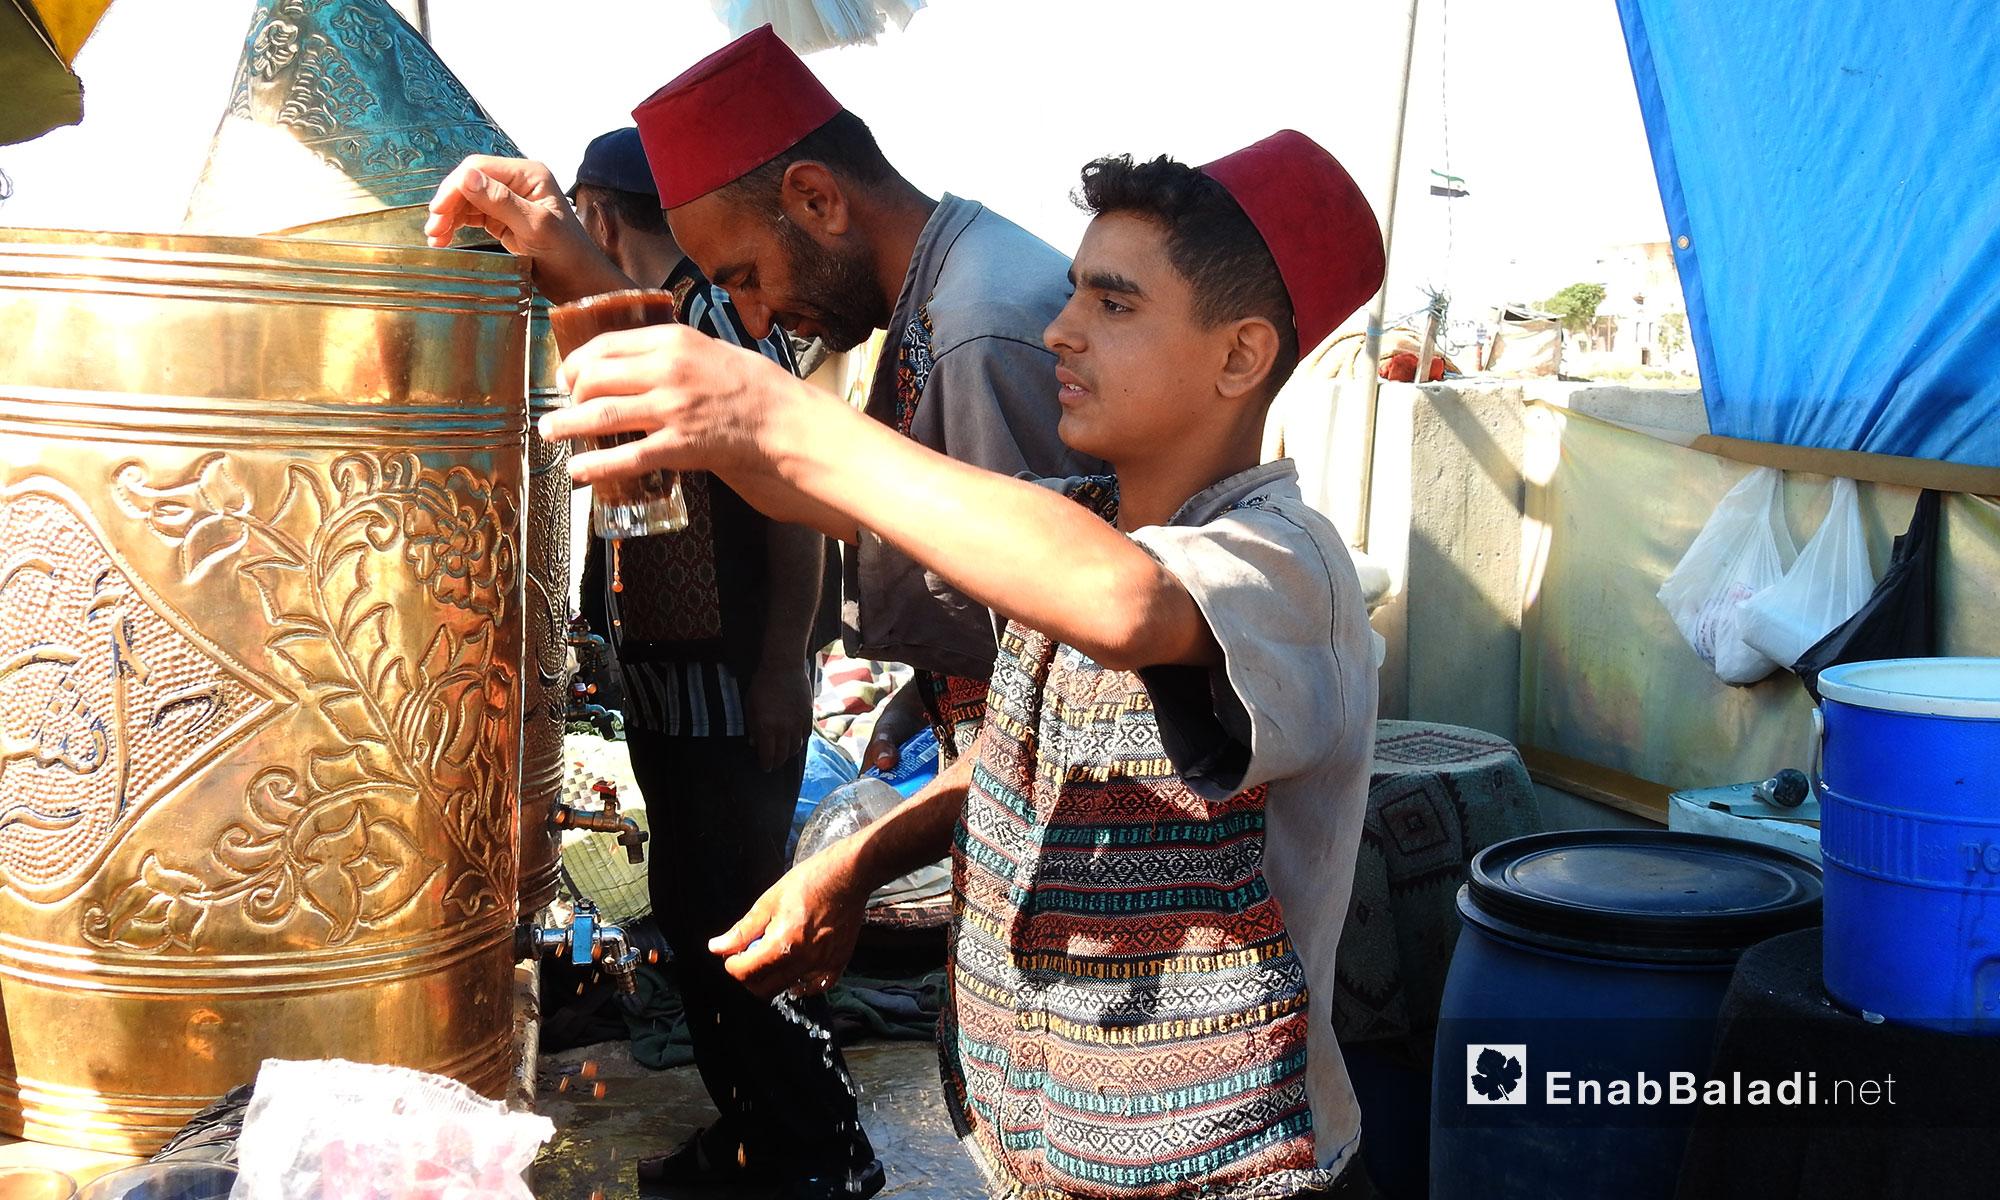 إقبال على بائع مشروبات شعبية باردة بالتزامن مع موجة الحر في قرية سجو بريف حلب الشمالي - 6 تمور 2017 (عنب بلدي)